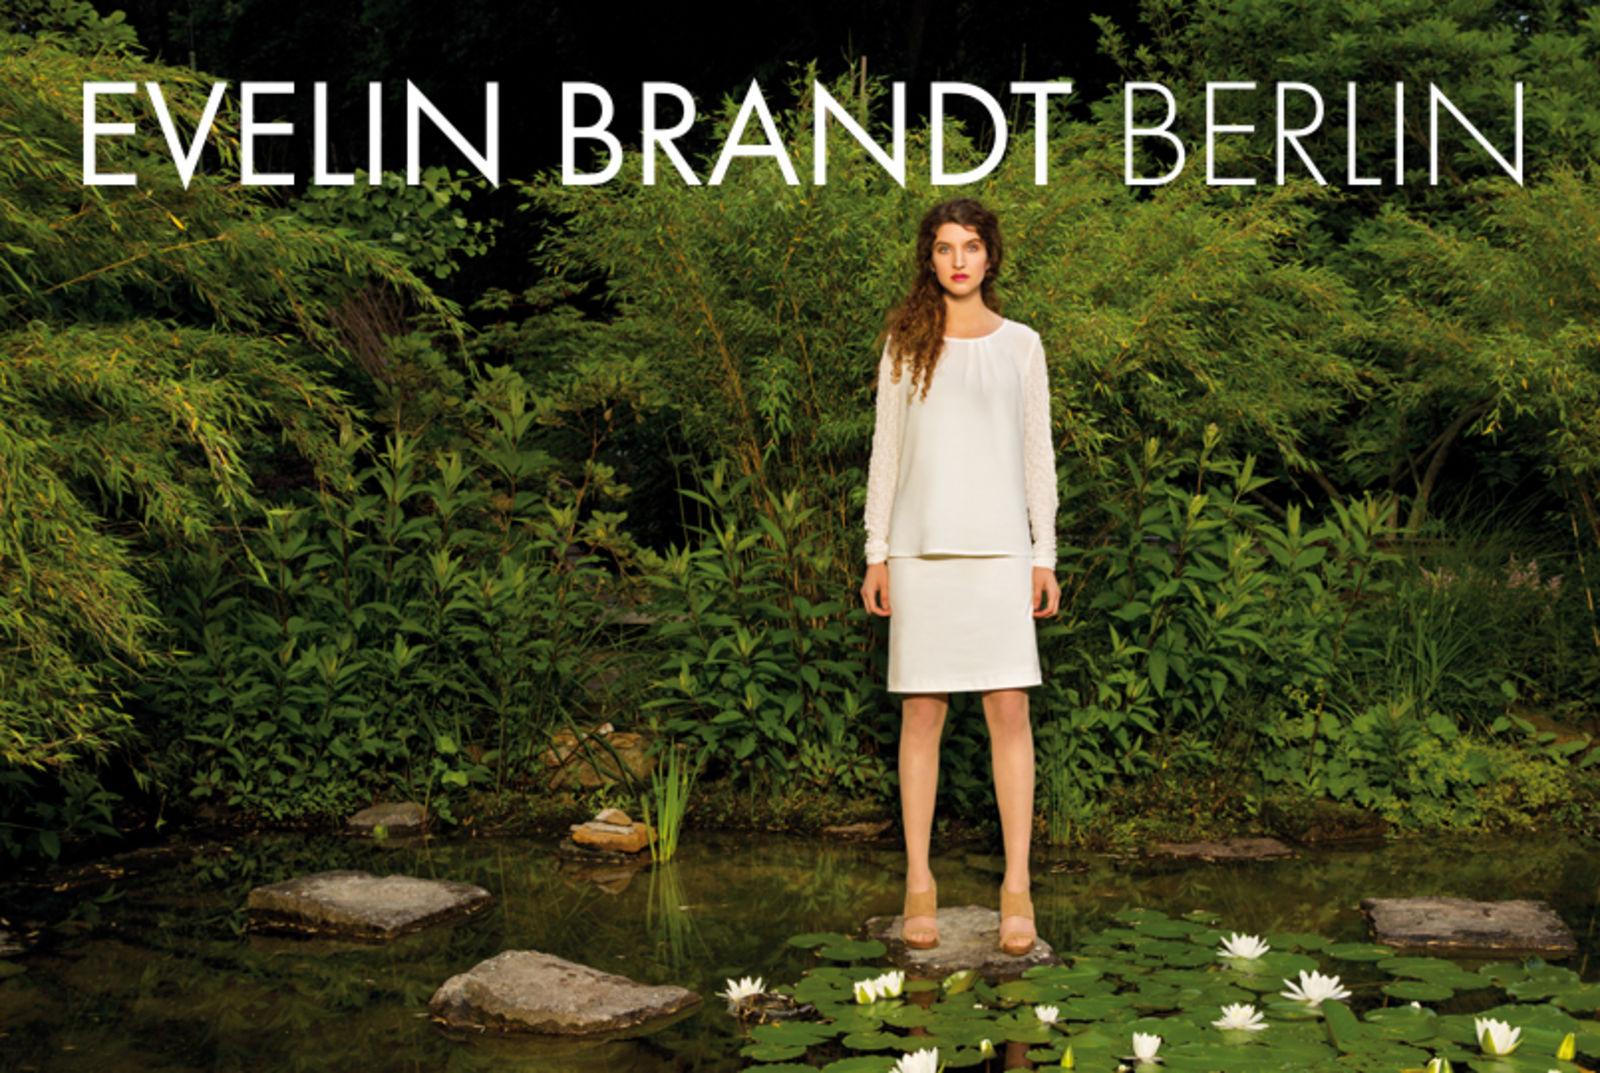 EVELIN BRANDT BERLIN